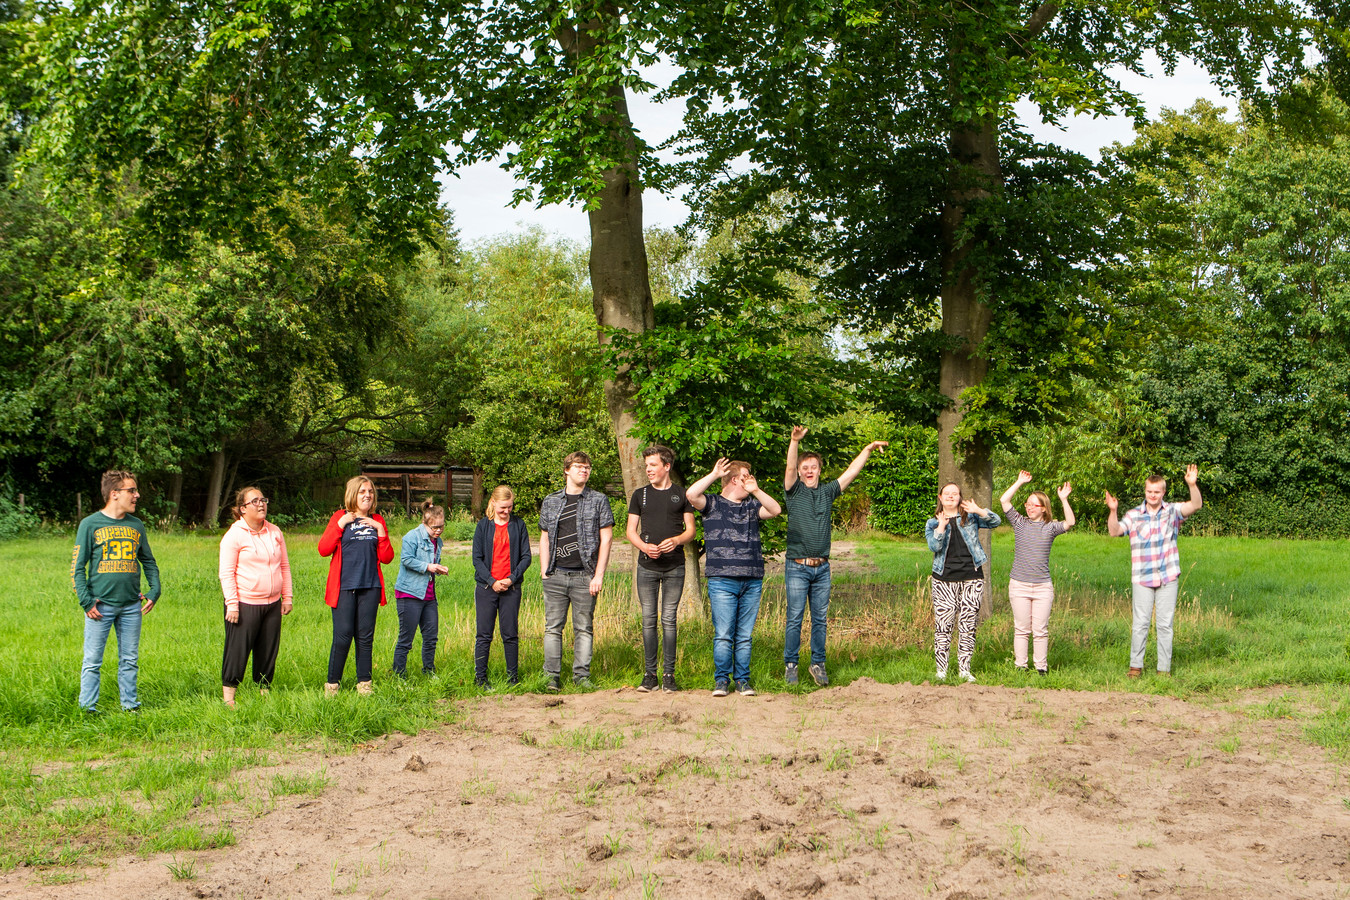 Een aantal van de jongeren met een beperking die straks op deze plek in Oirschot zelfstandig gaan wonen in het nog te bouwen woonzorgcomplex.